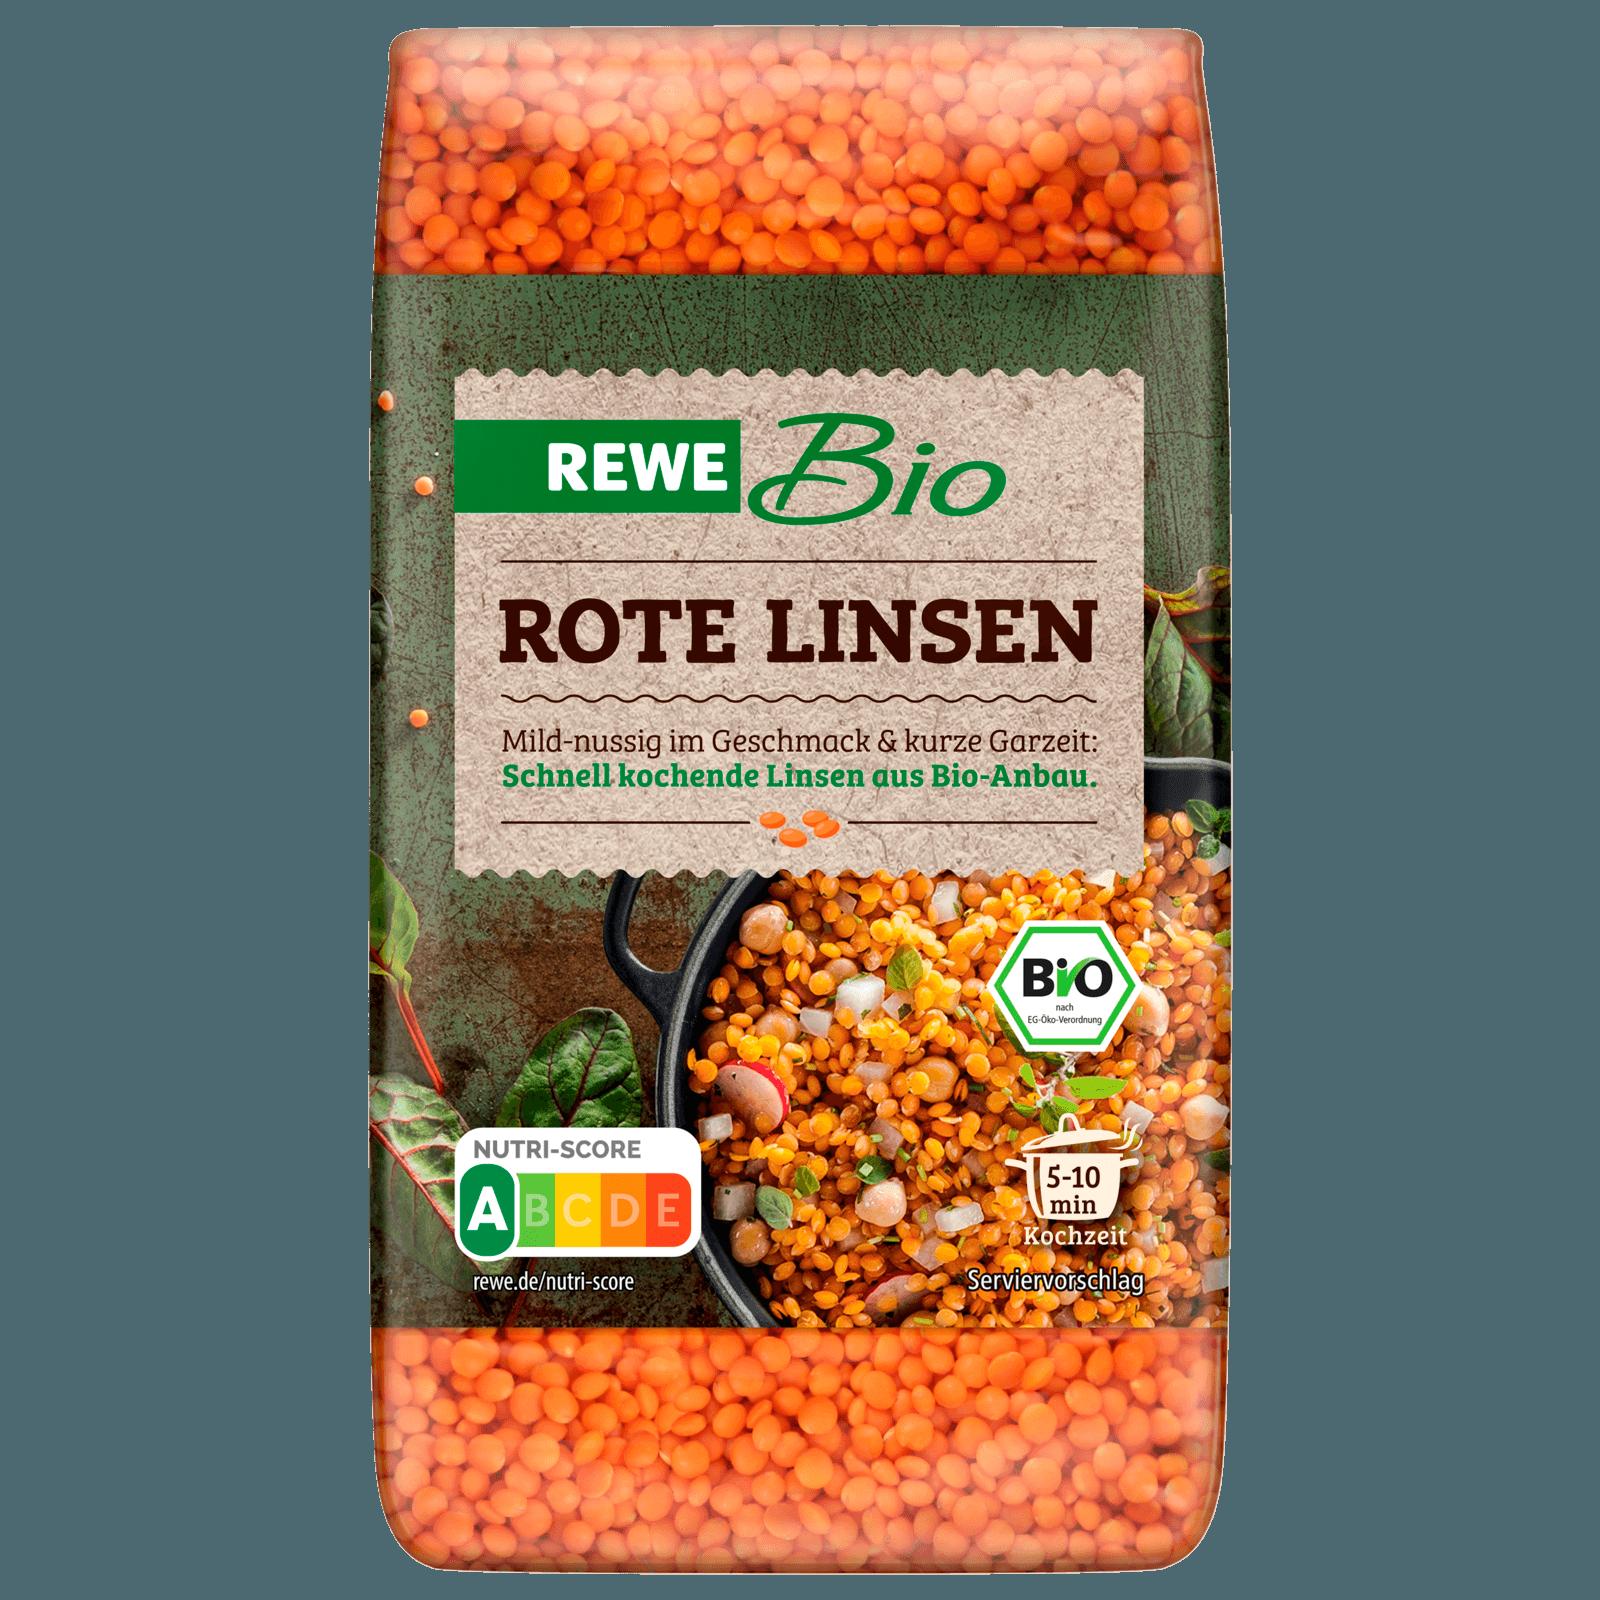 REWE Bio Rote Linsen 500g bei REWE online bestellen!